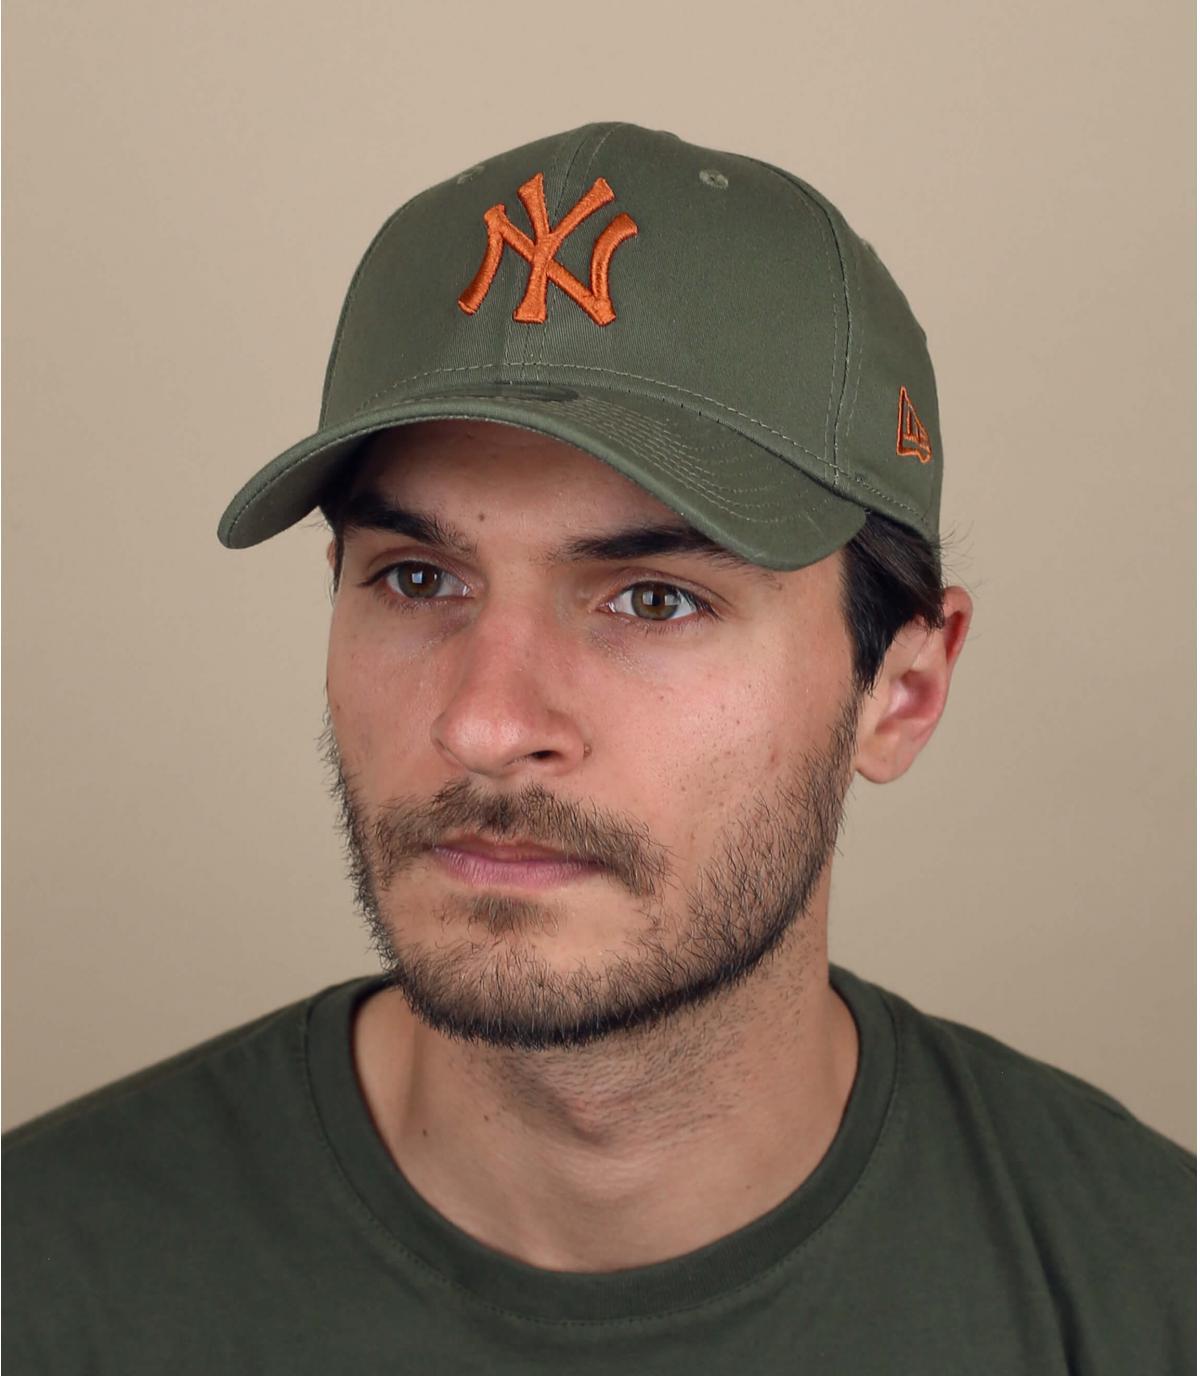 Gorra elástica NY verde naranja